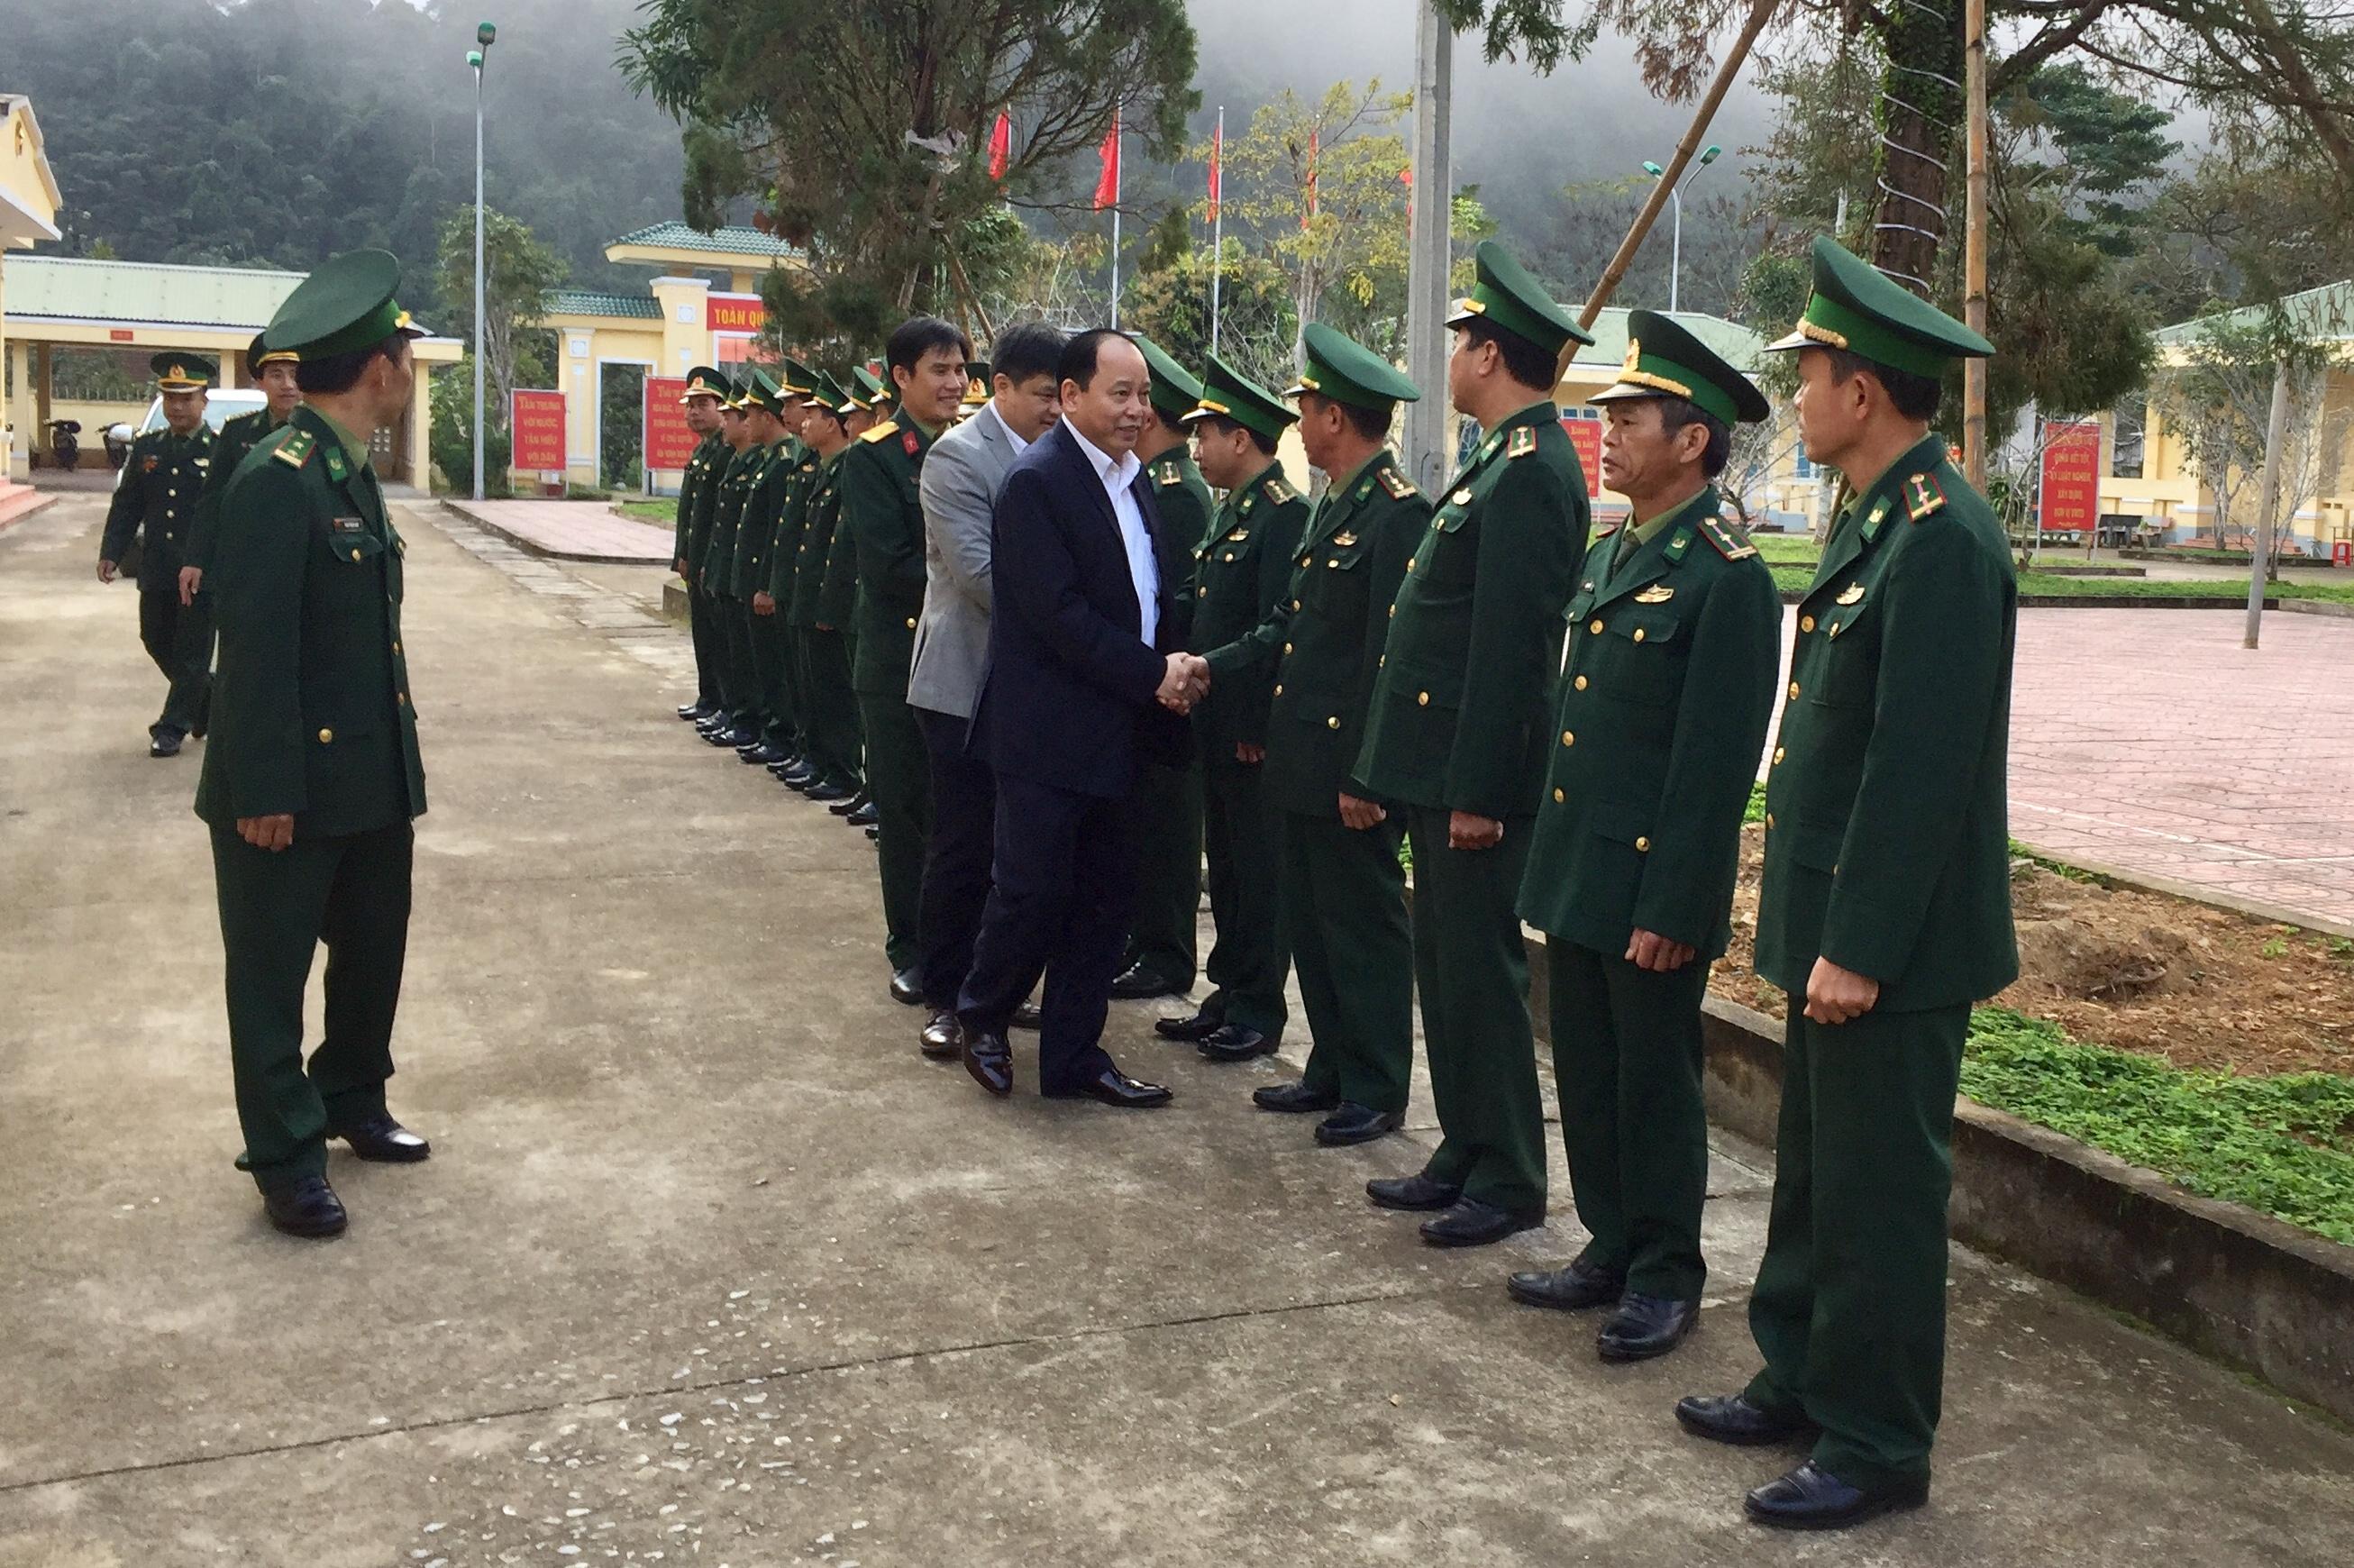 Đồng chí Bí thư Huyện ủy Đinh Hữu Tân chúc tết CBCS Đồn Biên phòng Phú Gia